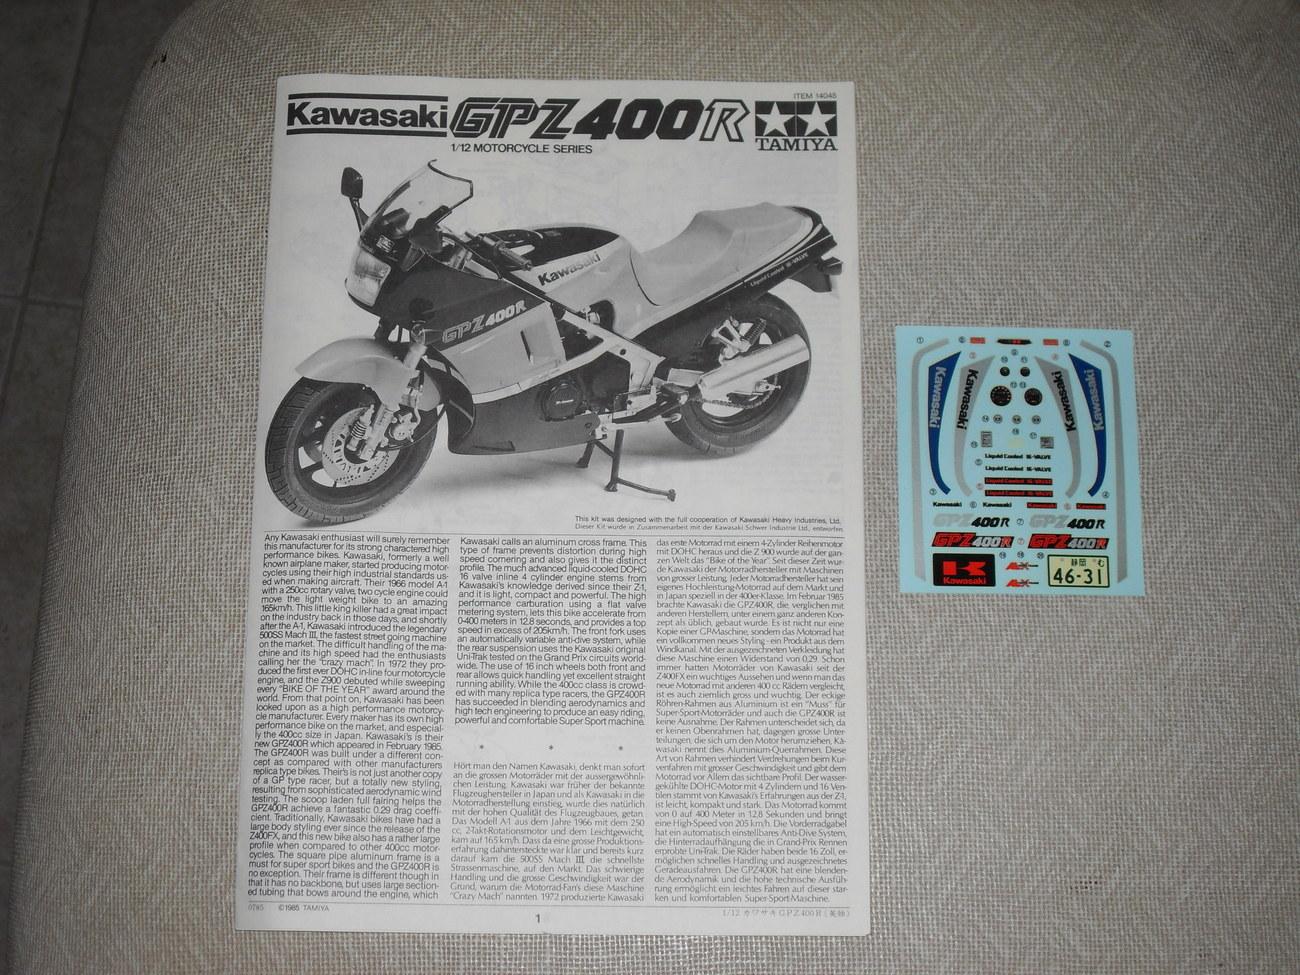 1985 Tamiya Model Kit Kawasaki GPZ400R   1/12 Scale